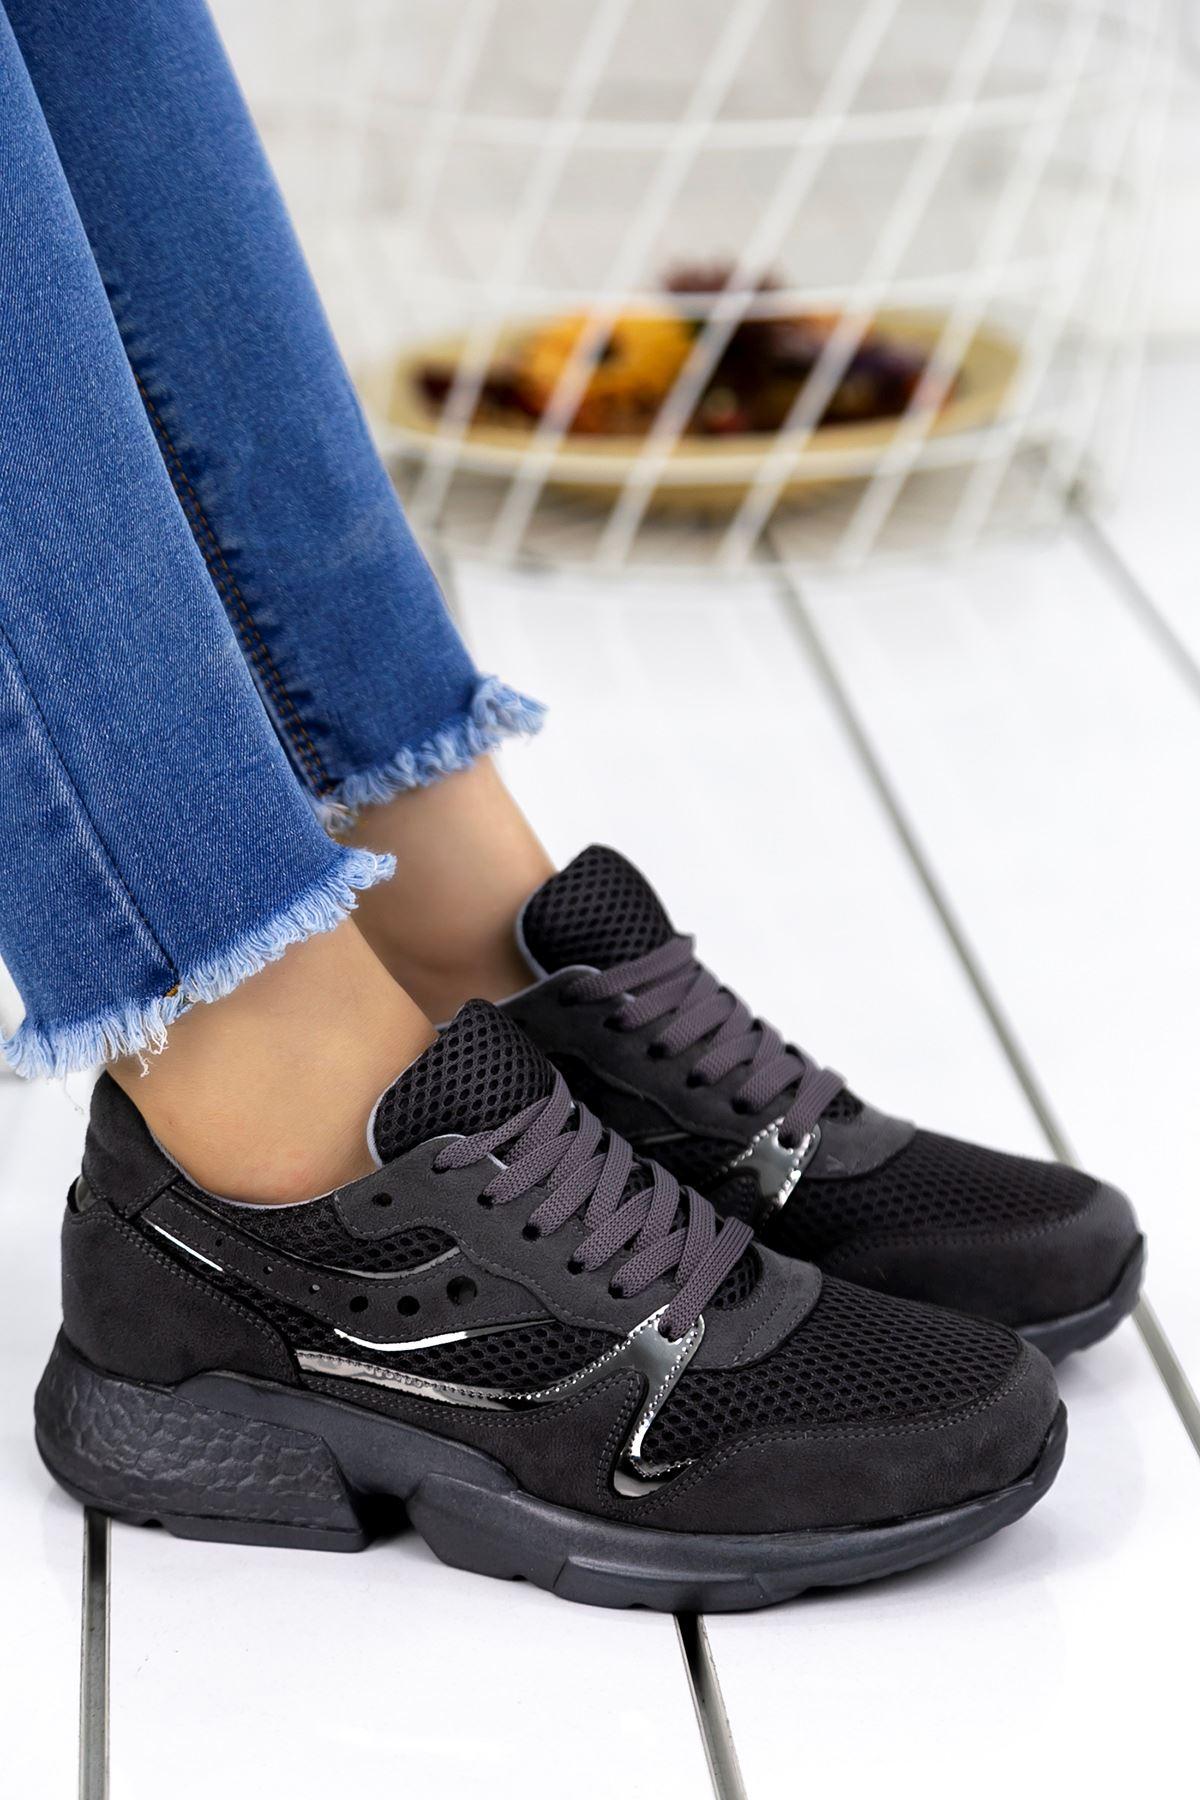 Marzo Füme Lame İthal Süet Bayan Spor Ayakkabı